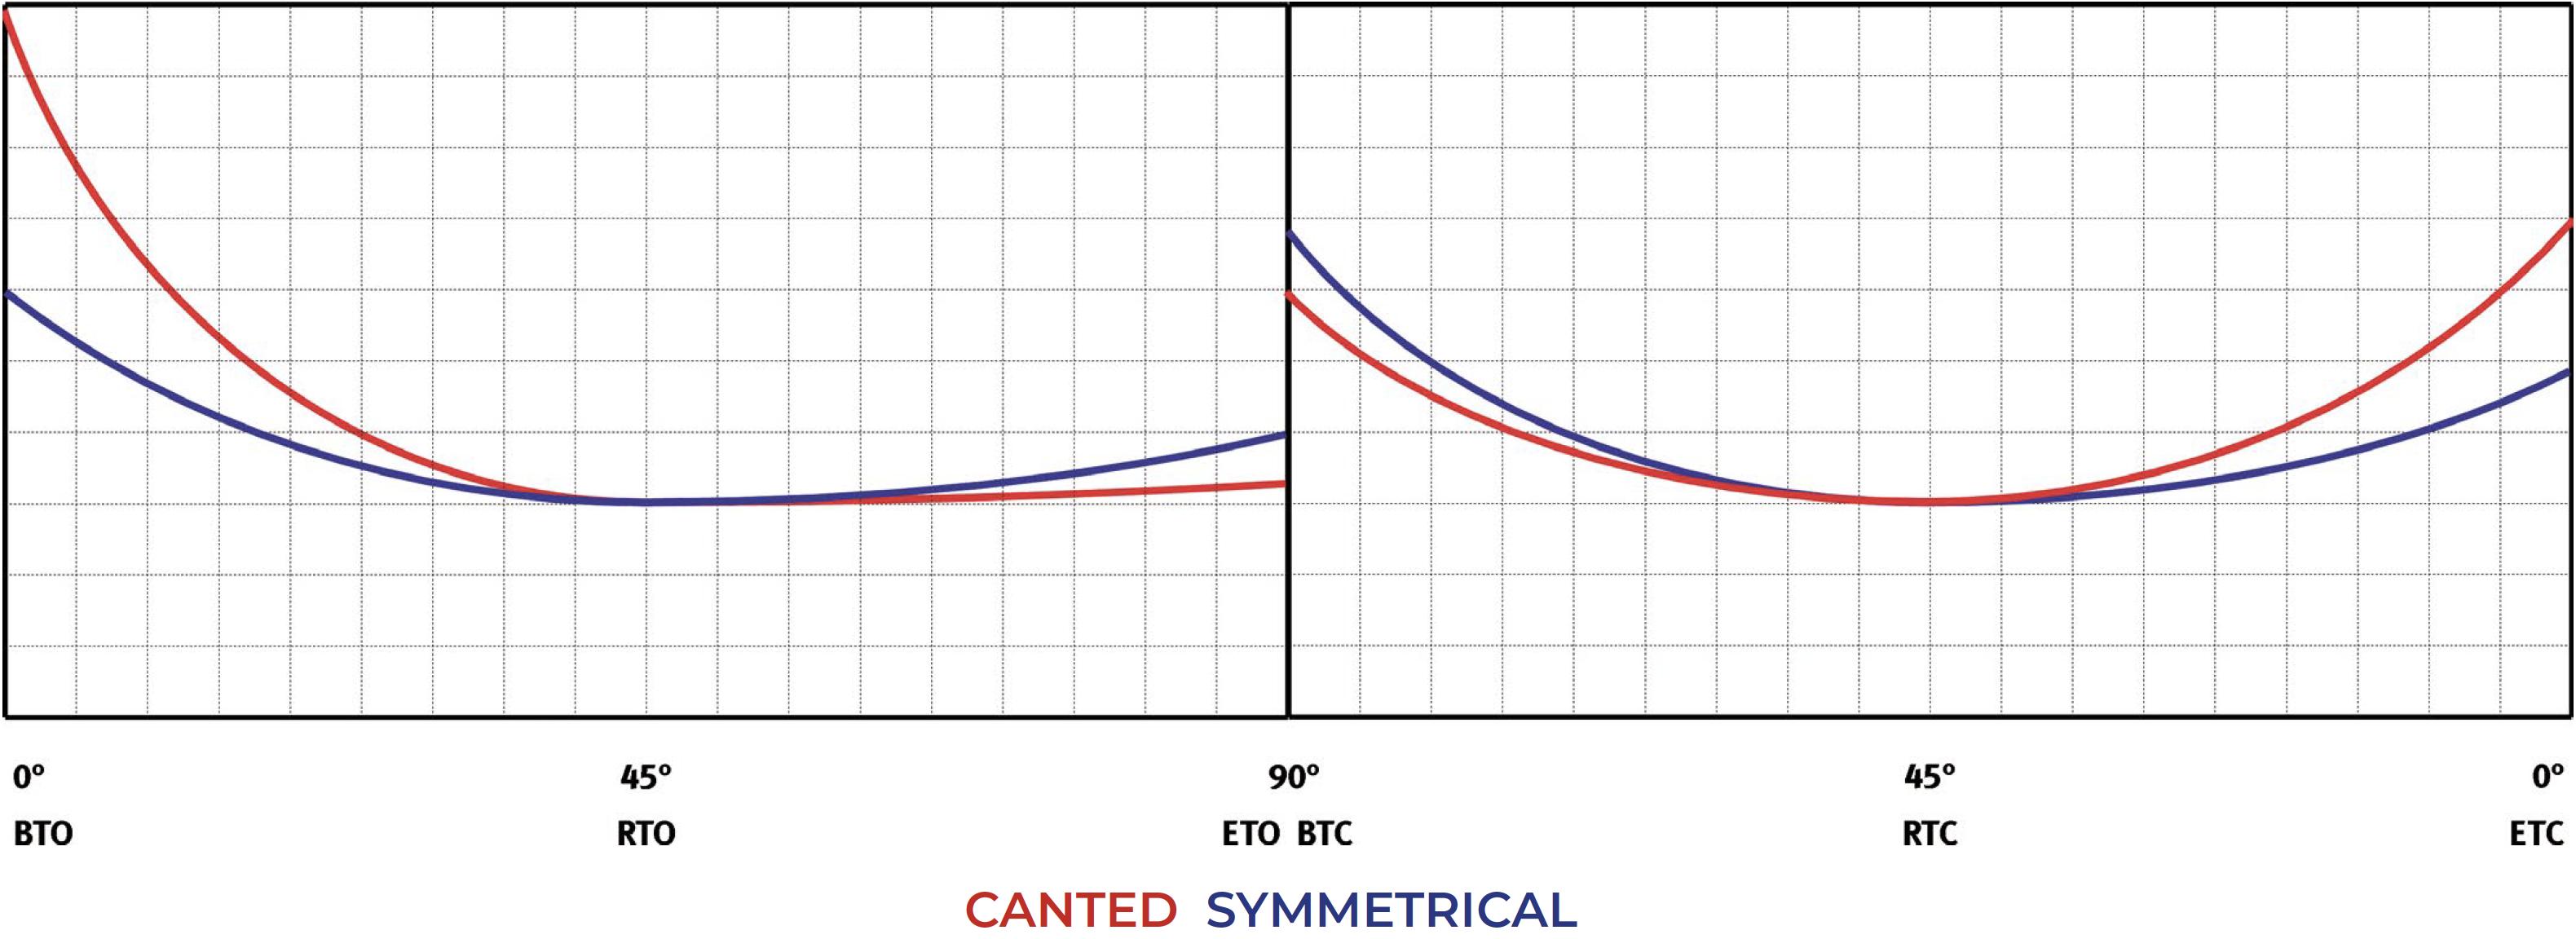 Tek etkili pnömatik aktüatör GS Heavy Duty karbon çeliği - şemalar ve başlangıç momentleri - Tek Etkili Normalde açık - Moment tablosu (Dönme momenti)